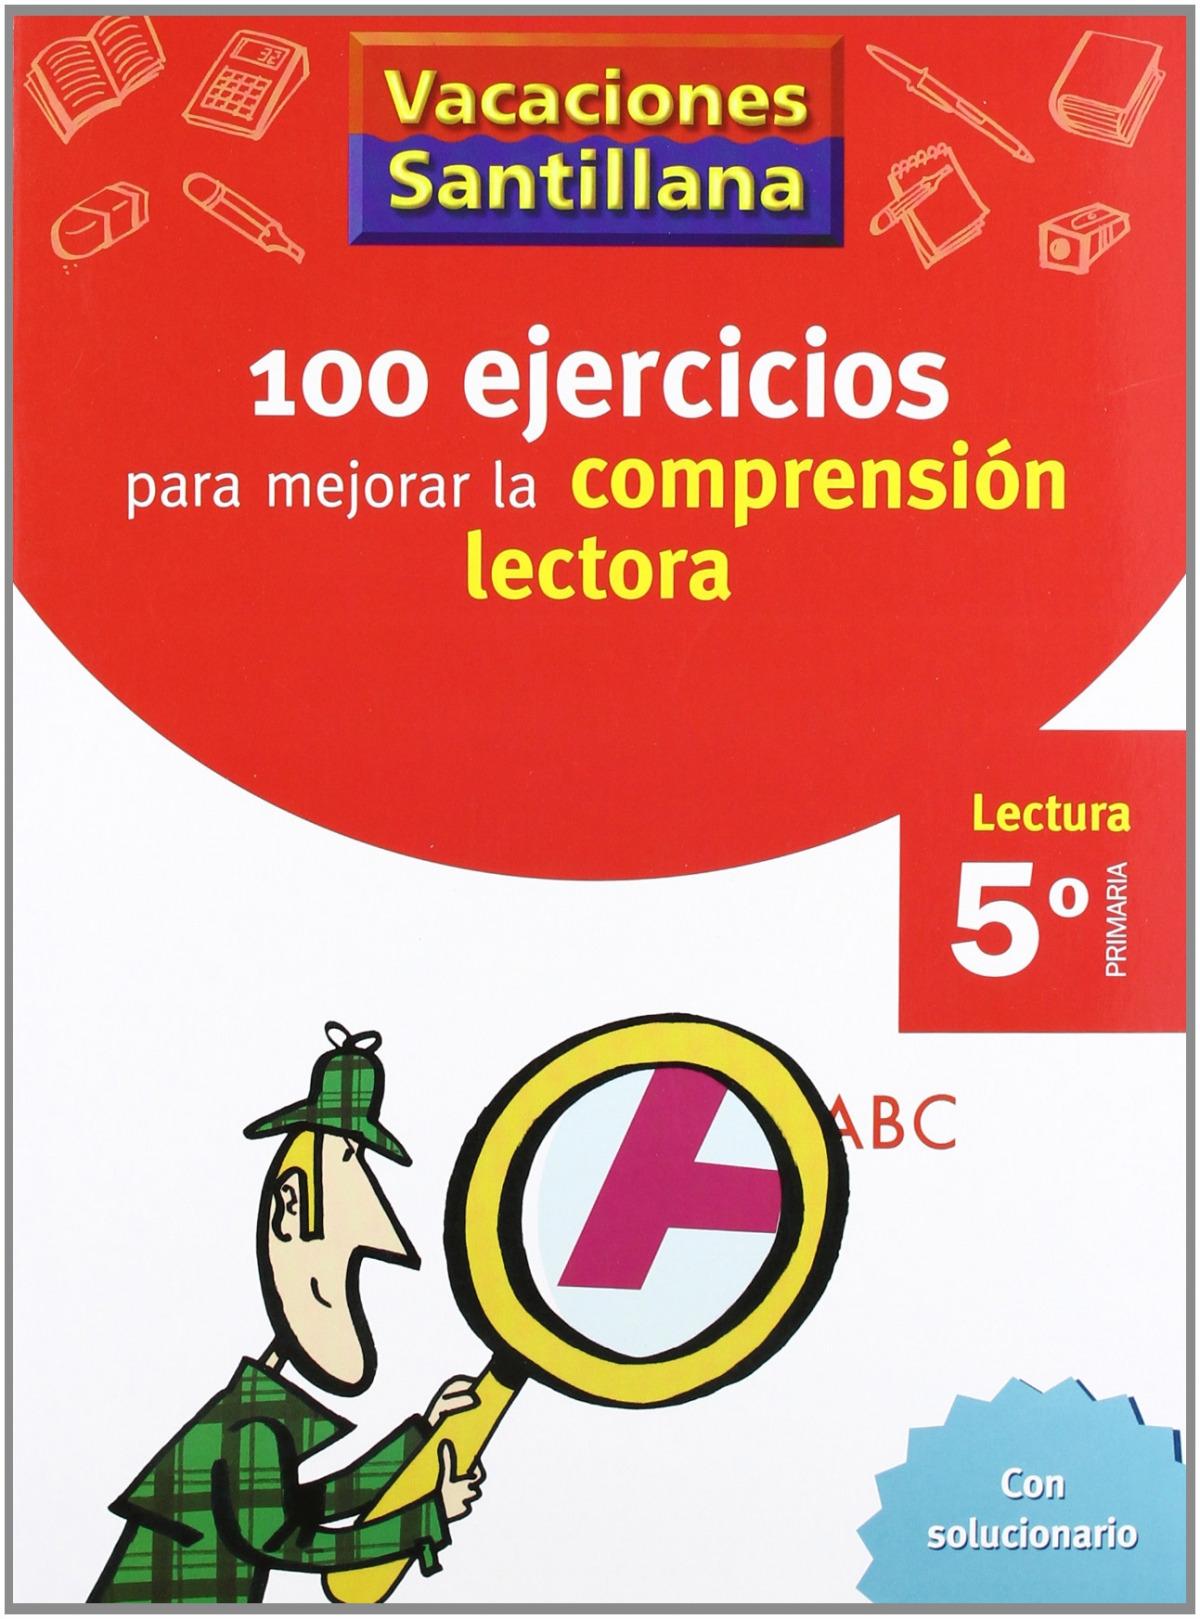 VACACIONES 100 EJERCICIOS PARA MEJORAR LA COMPRESION LECTORA 5o. PRIMARIA SANTILLANA 9788429409239